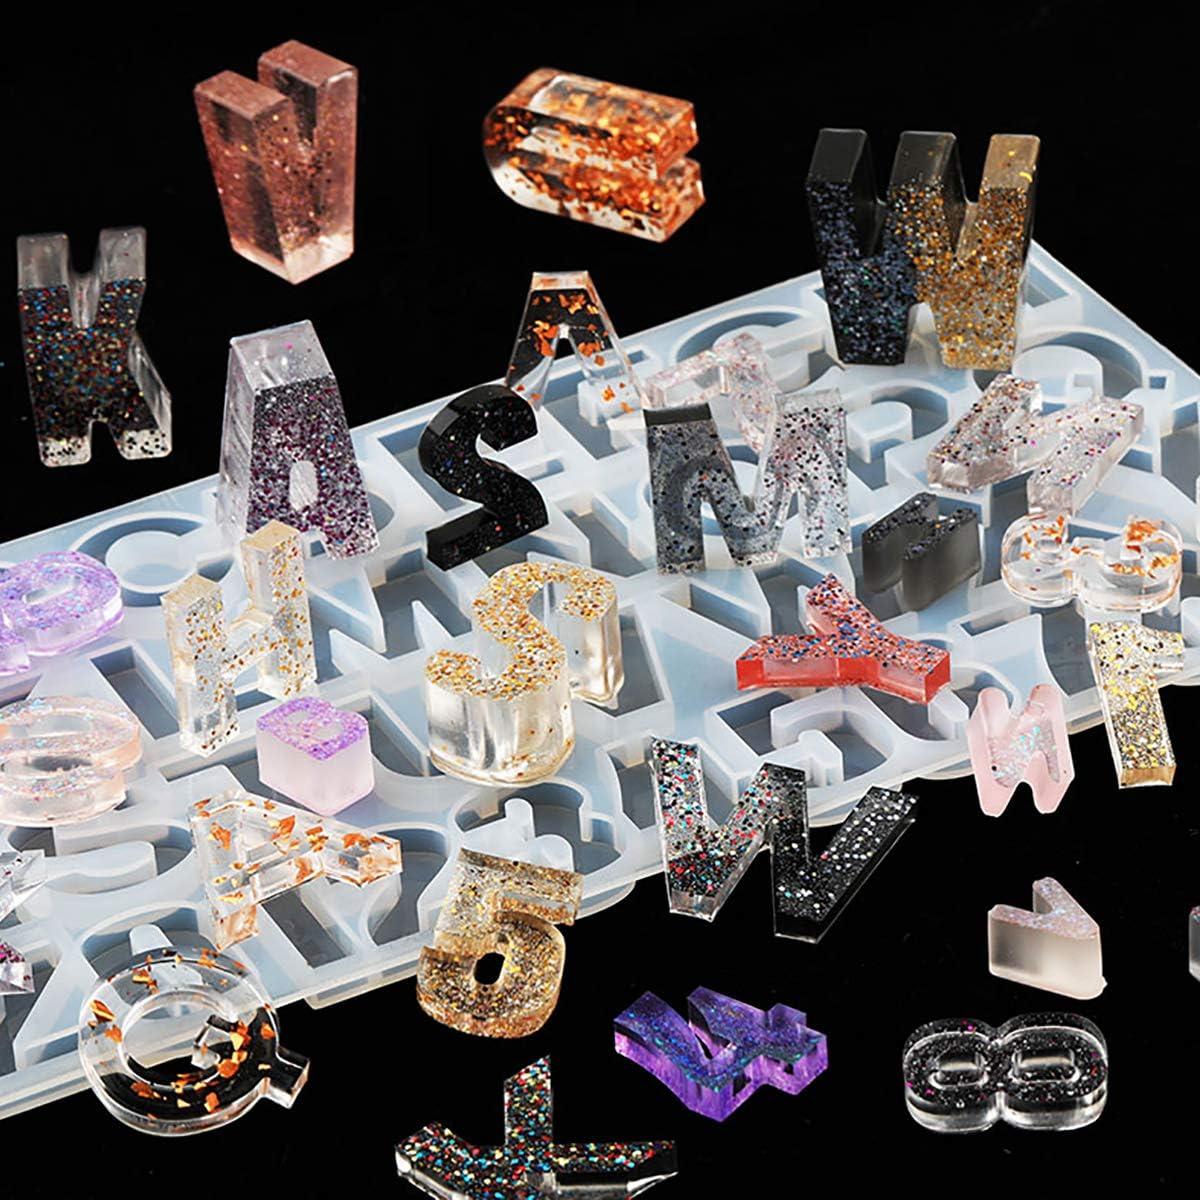 iSuperb Gie/ßform Silikonform Buchstabe kleine,Silicone Mold 9 st/ück Metall L/ünette Tablett f/ür Schl/üsselbund,Hausnummer,Schmuck,Anh/änger,Handwerk haargummis